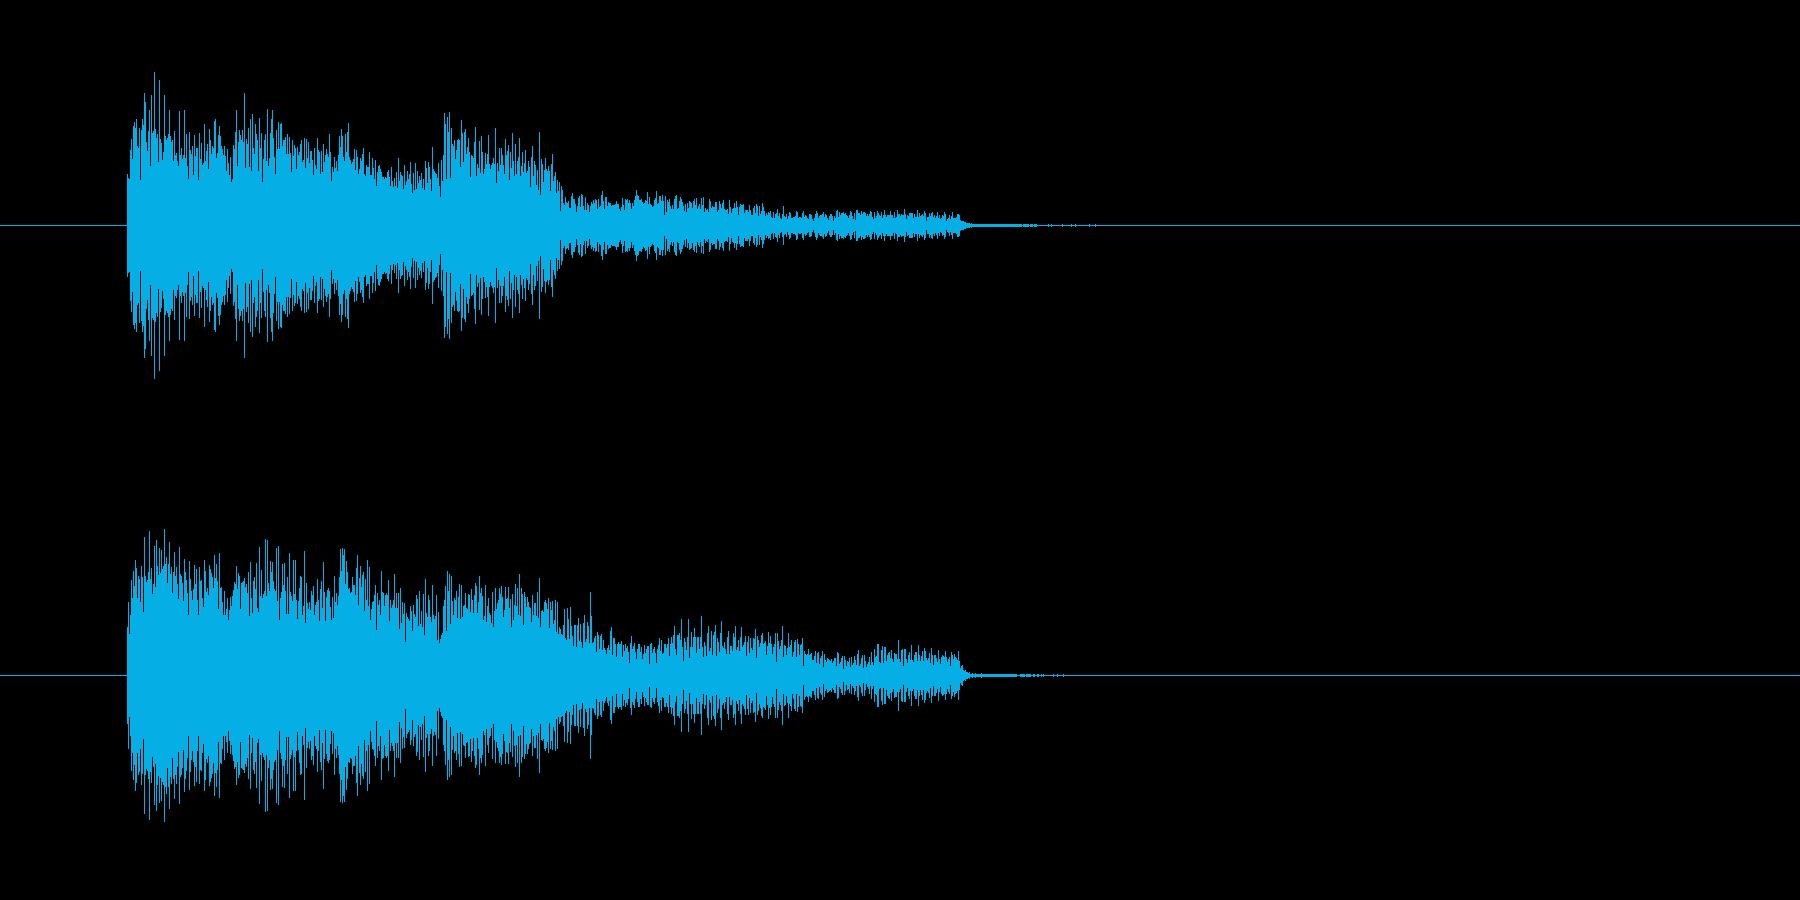 緊張感の漂う響きのバンド演奏のジングル曲の再生済みの波形